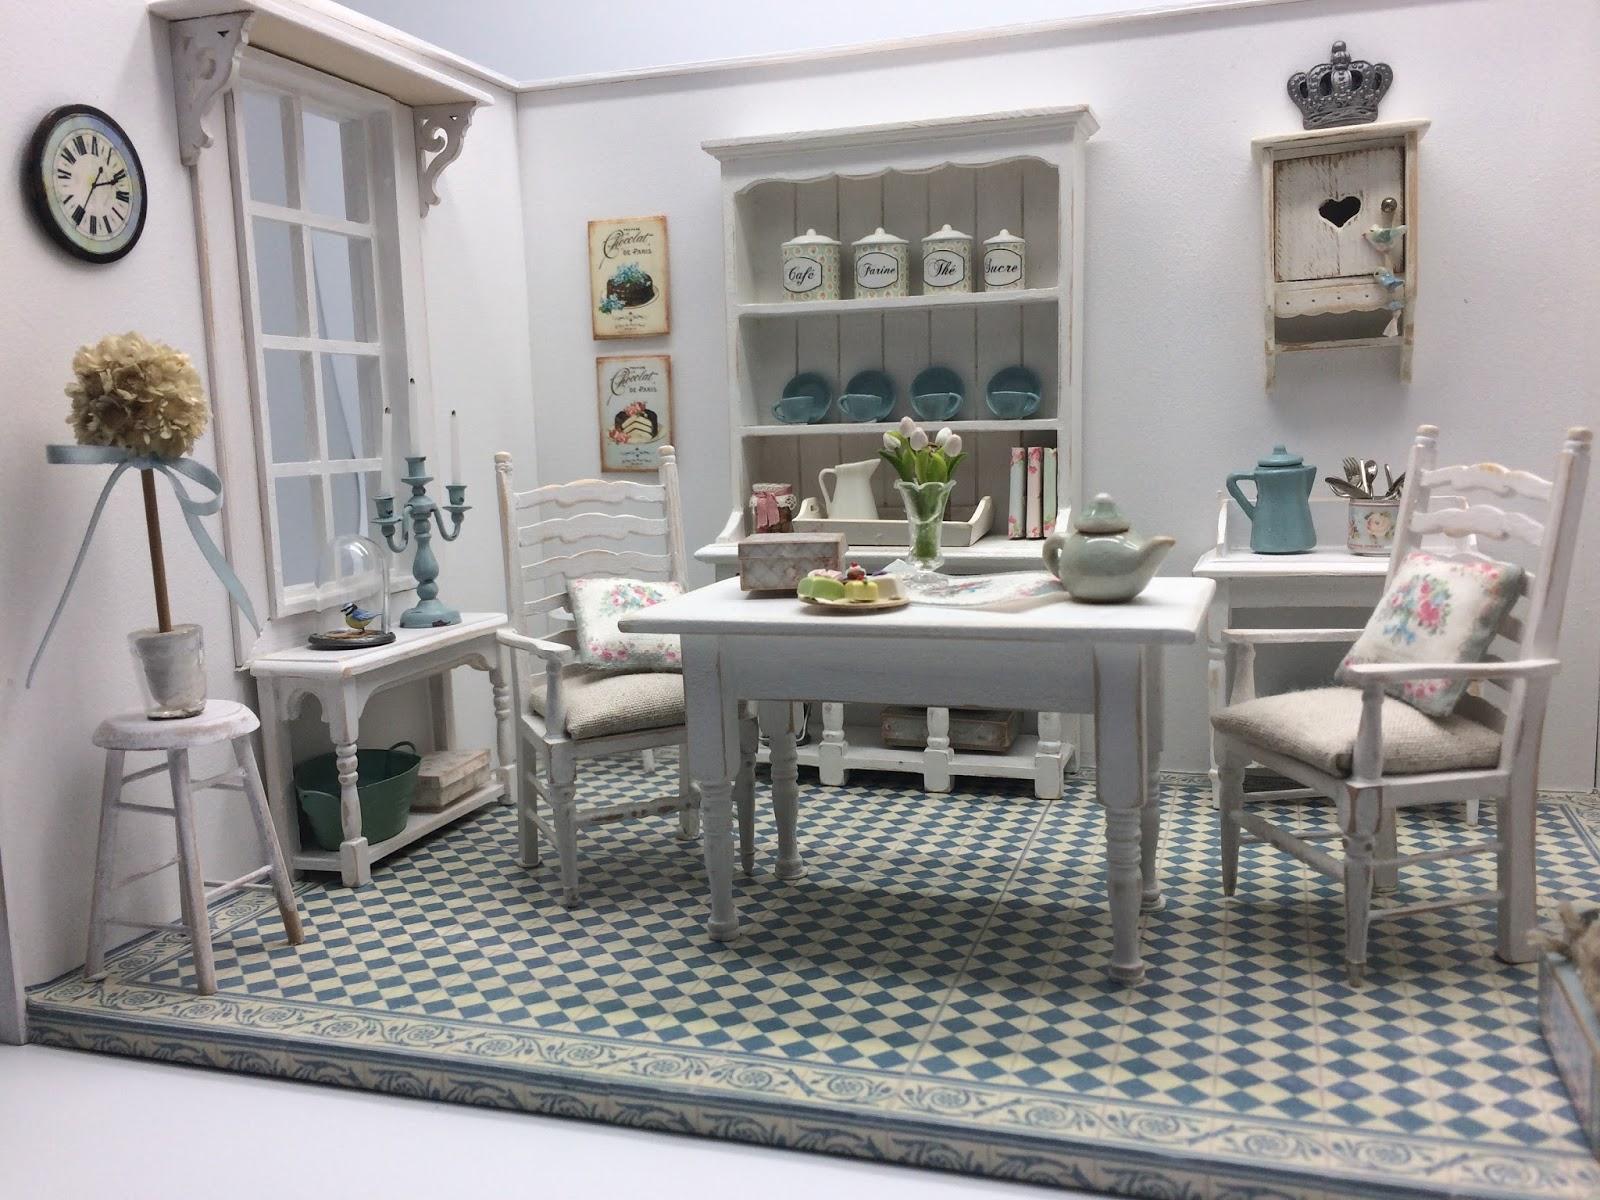 les carnets de l 39 atelier blondie la salle manger shabby. Black Bedroom Furniture Sets. Home Design Ideas